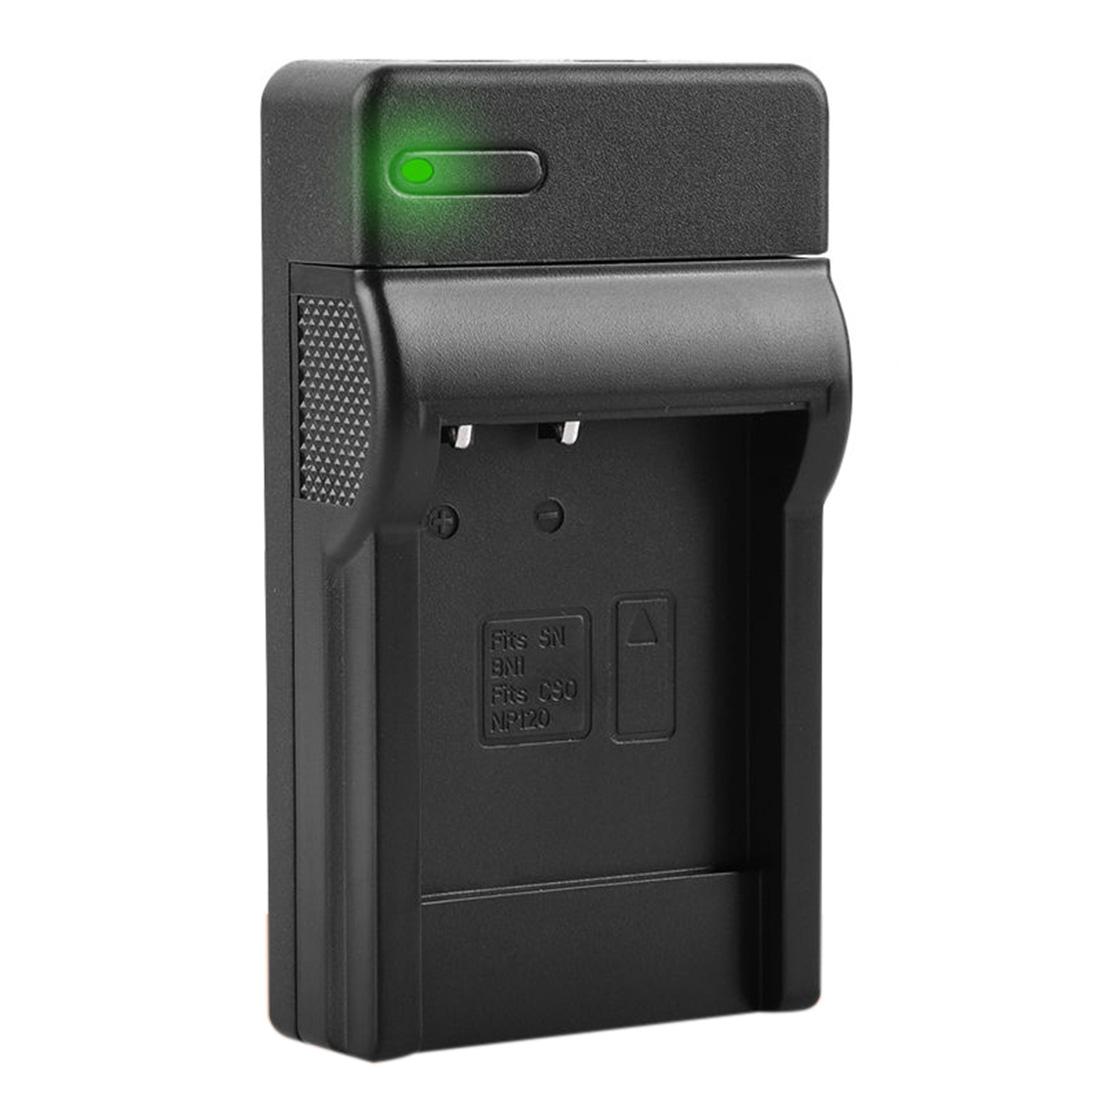 Np Bn1 Battery Usb Charger For Sony Dsc W350 Dcs W330 Dsc